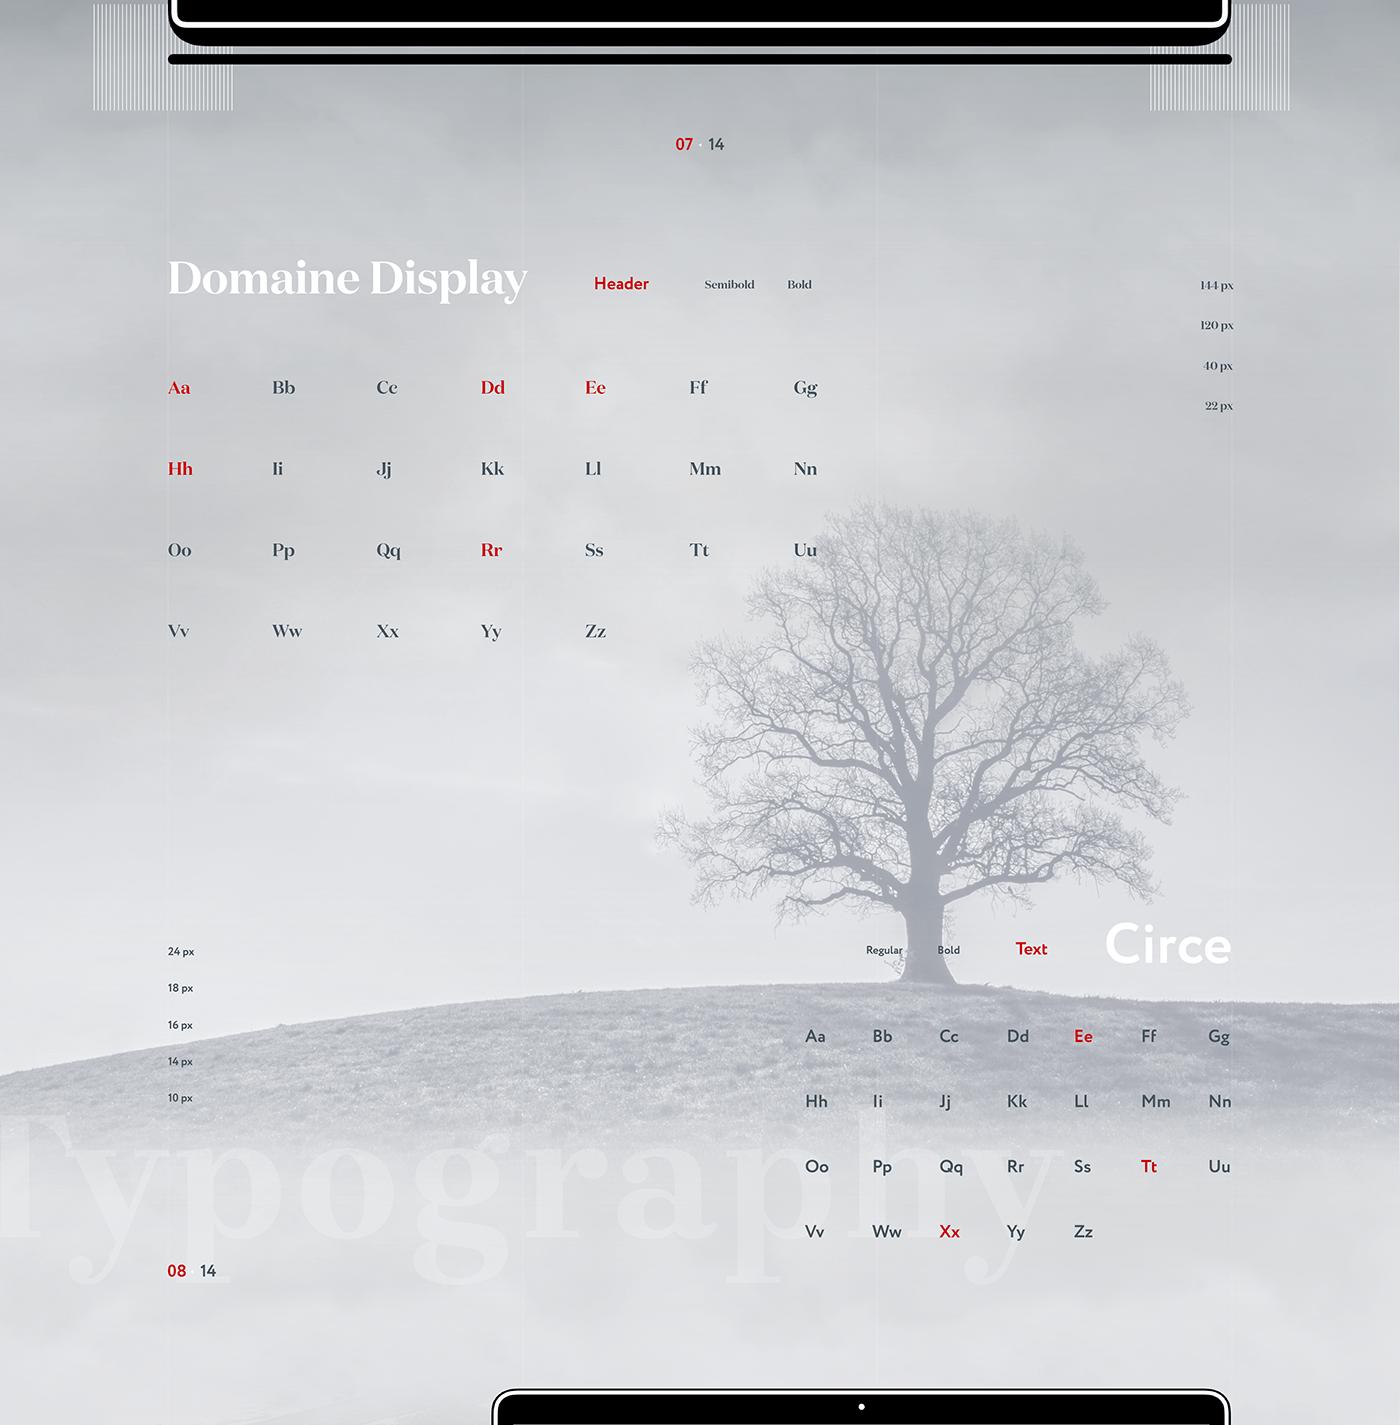 Image may contain: screenshot and fog